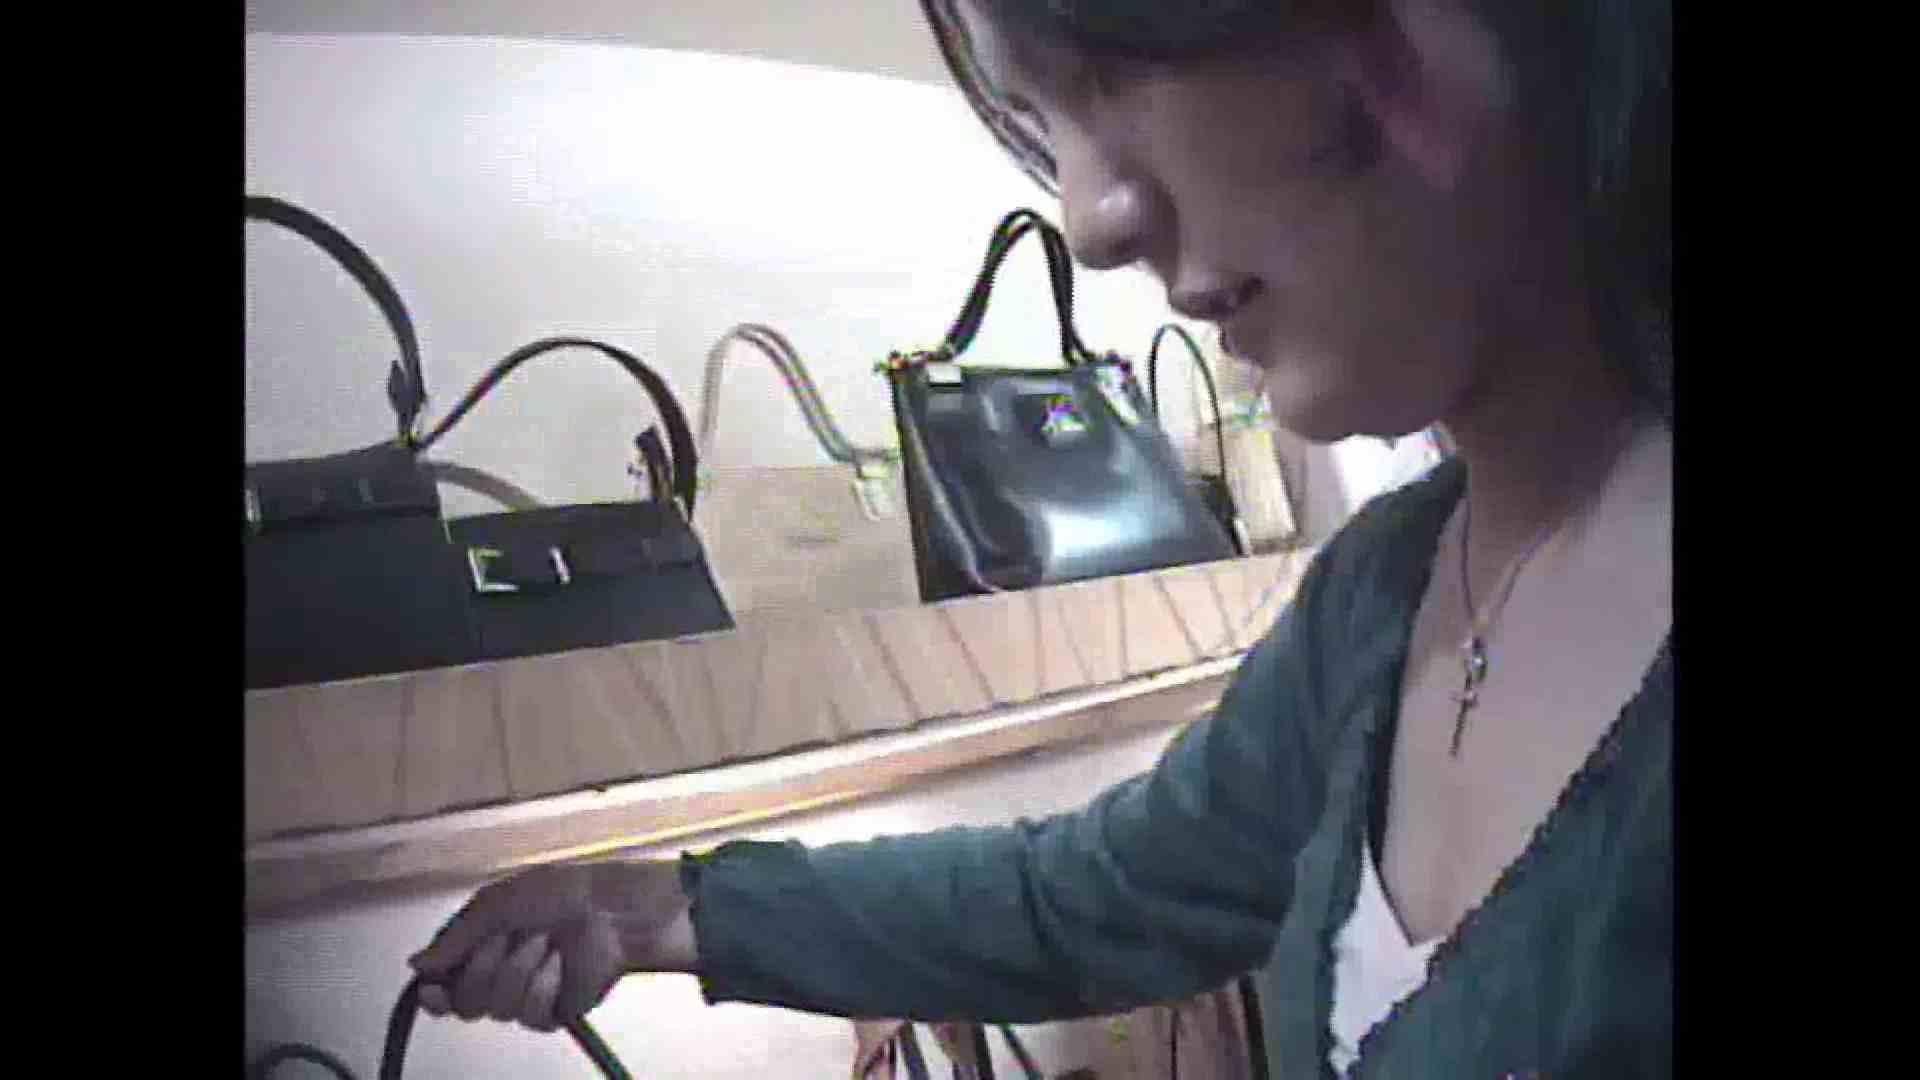 働く美女の谷間参拝 Vol.26 おっぱい 盗み撮りSEX無修正画像 89画像 23